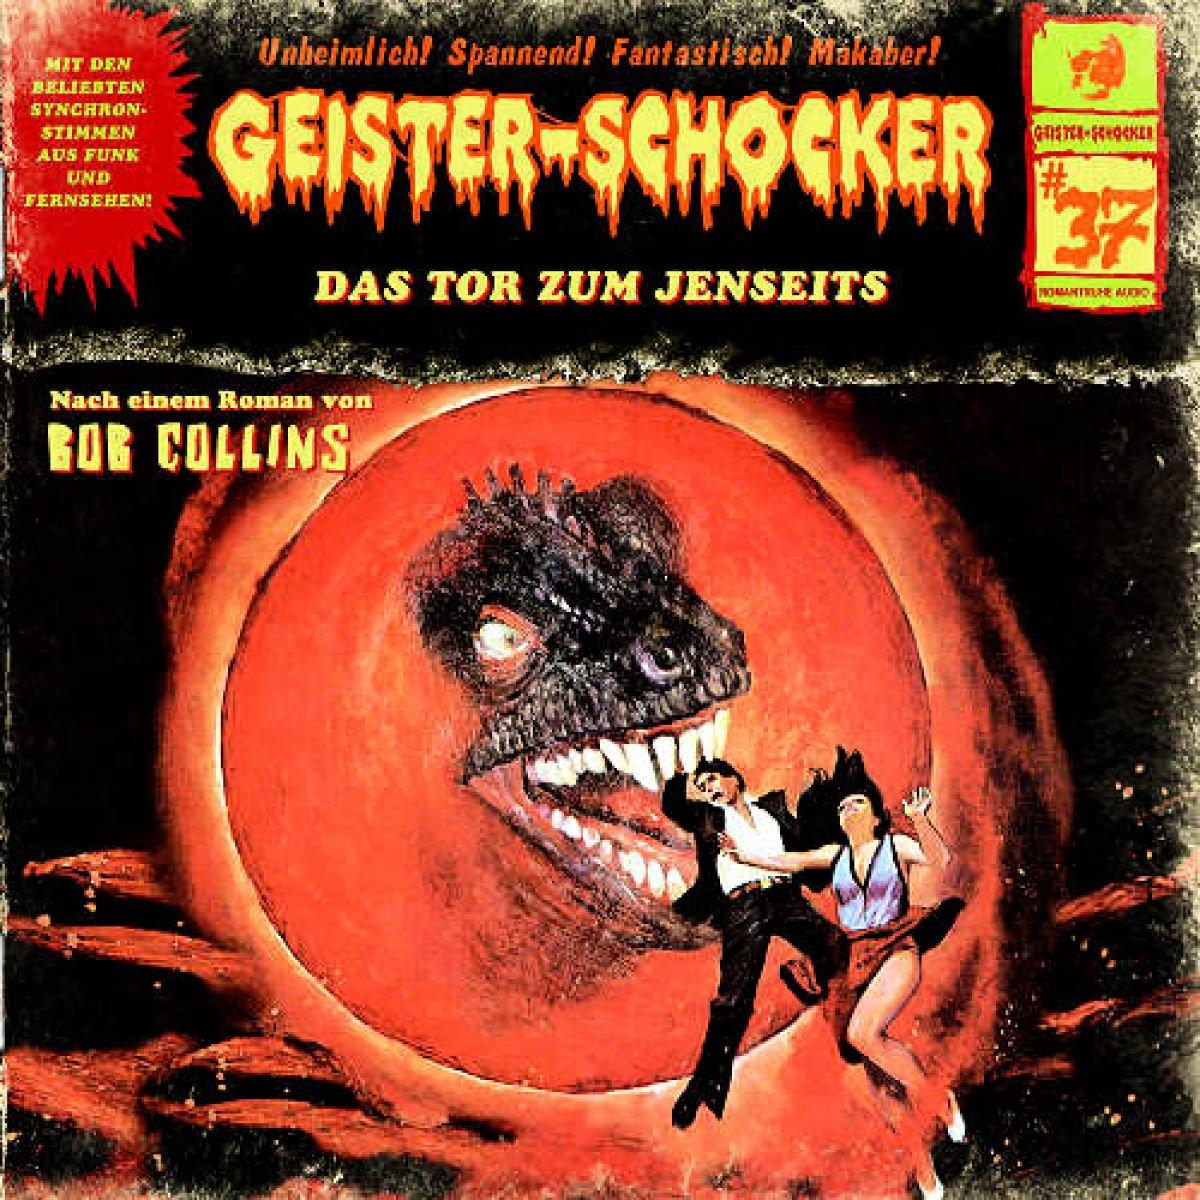 Geister-Schocker (37) - Der verfluchte Schatz (1/2) (Romantruhe Audio)